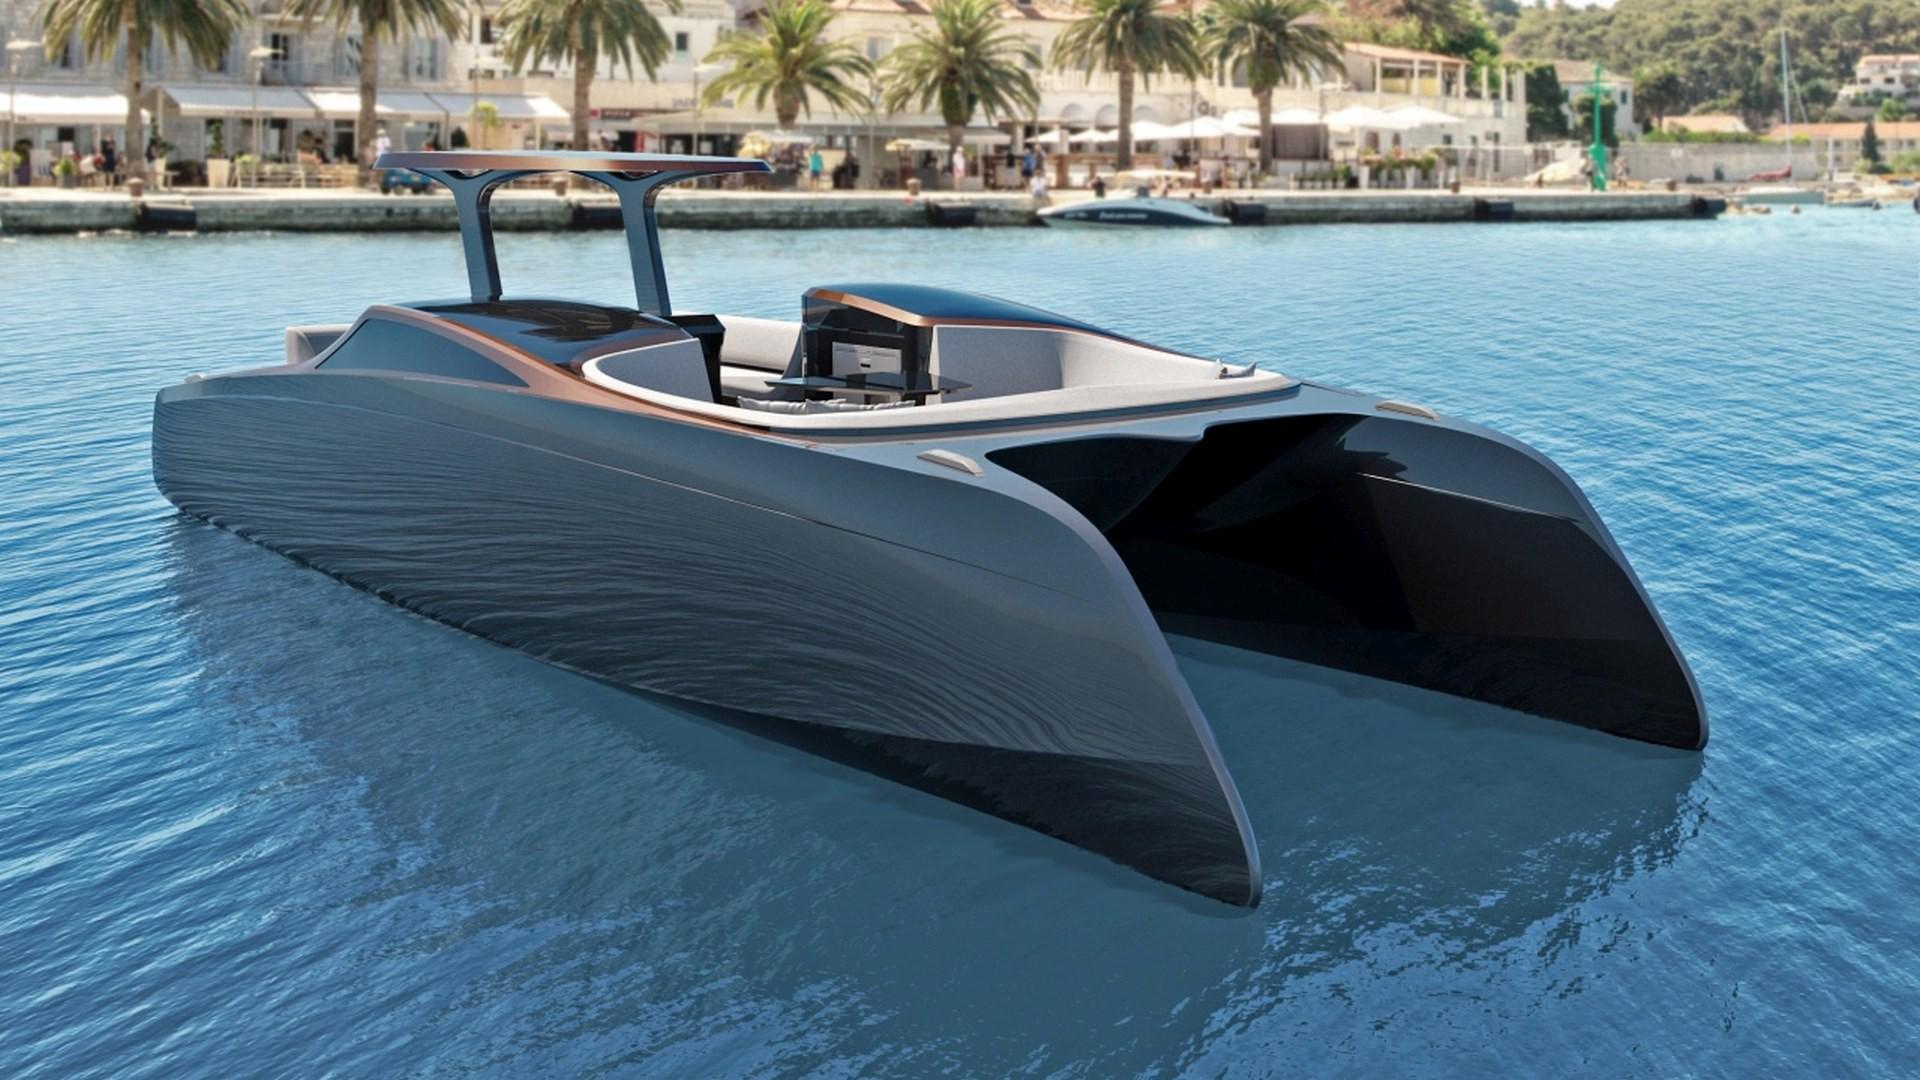 Voltaire Electric Yachts présente son premier bateau électrique.